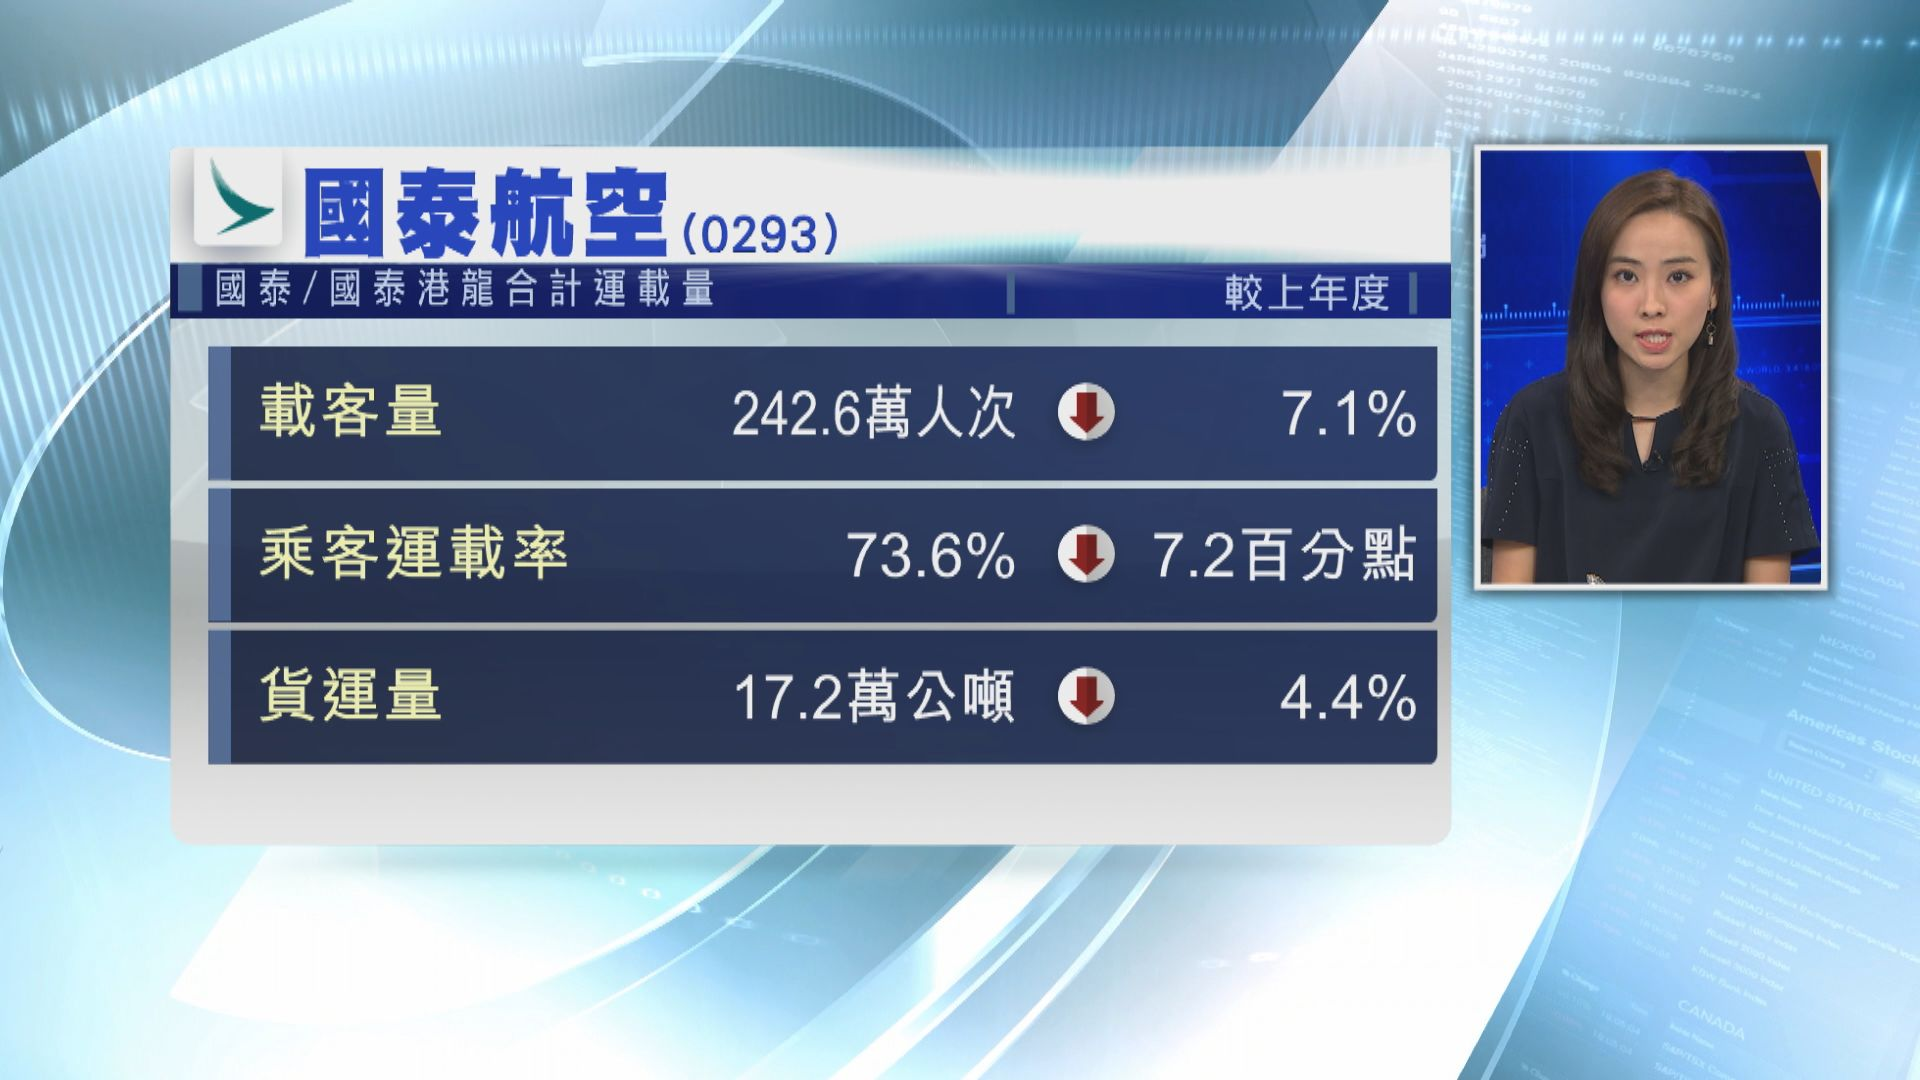 【客貨運齊跌】國泰9月載客量按年跌逾7%